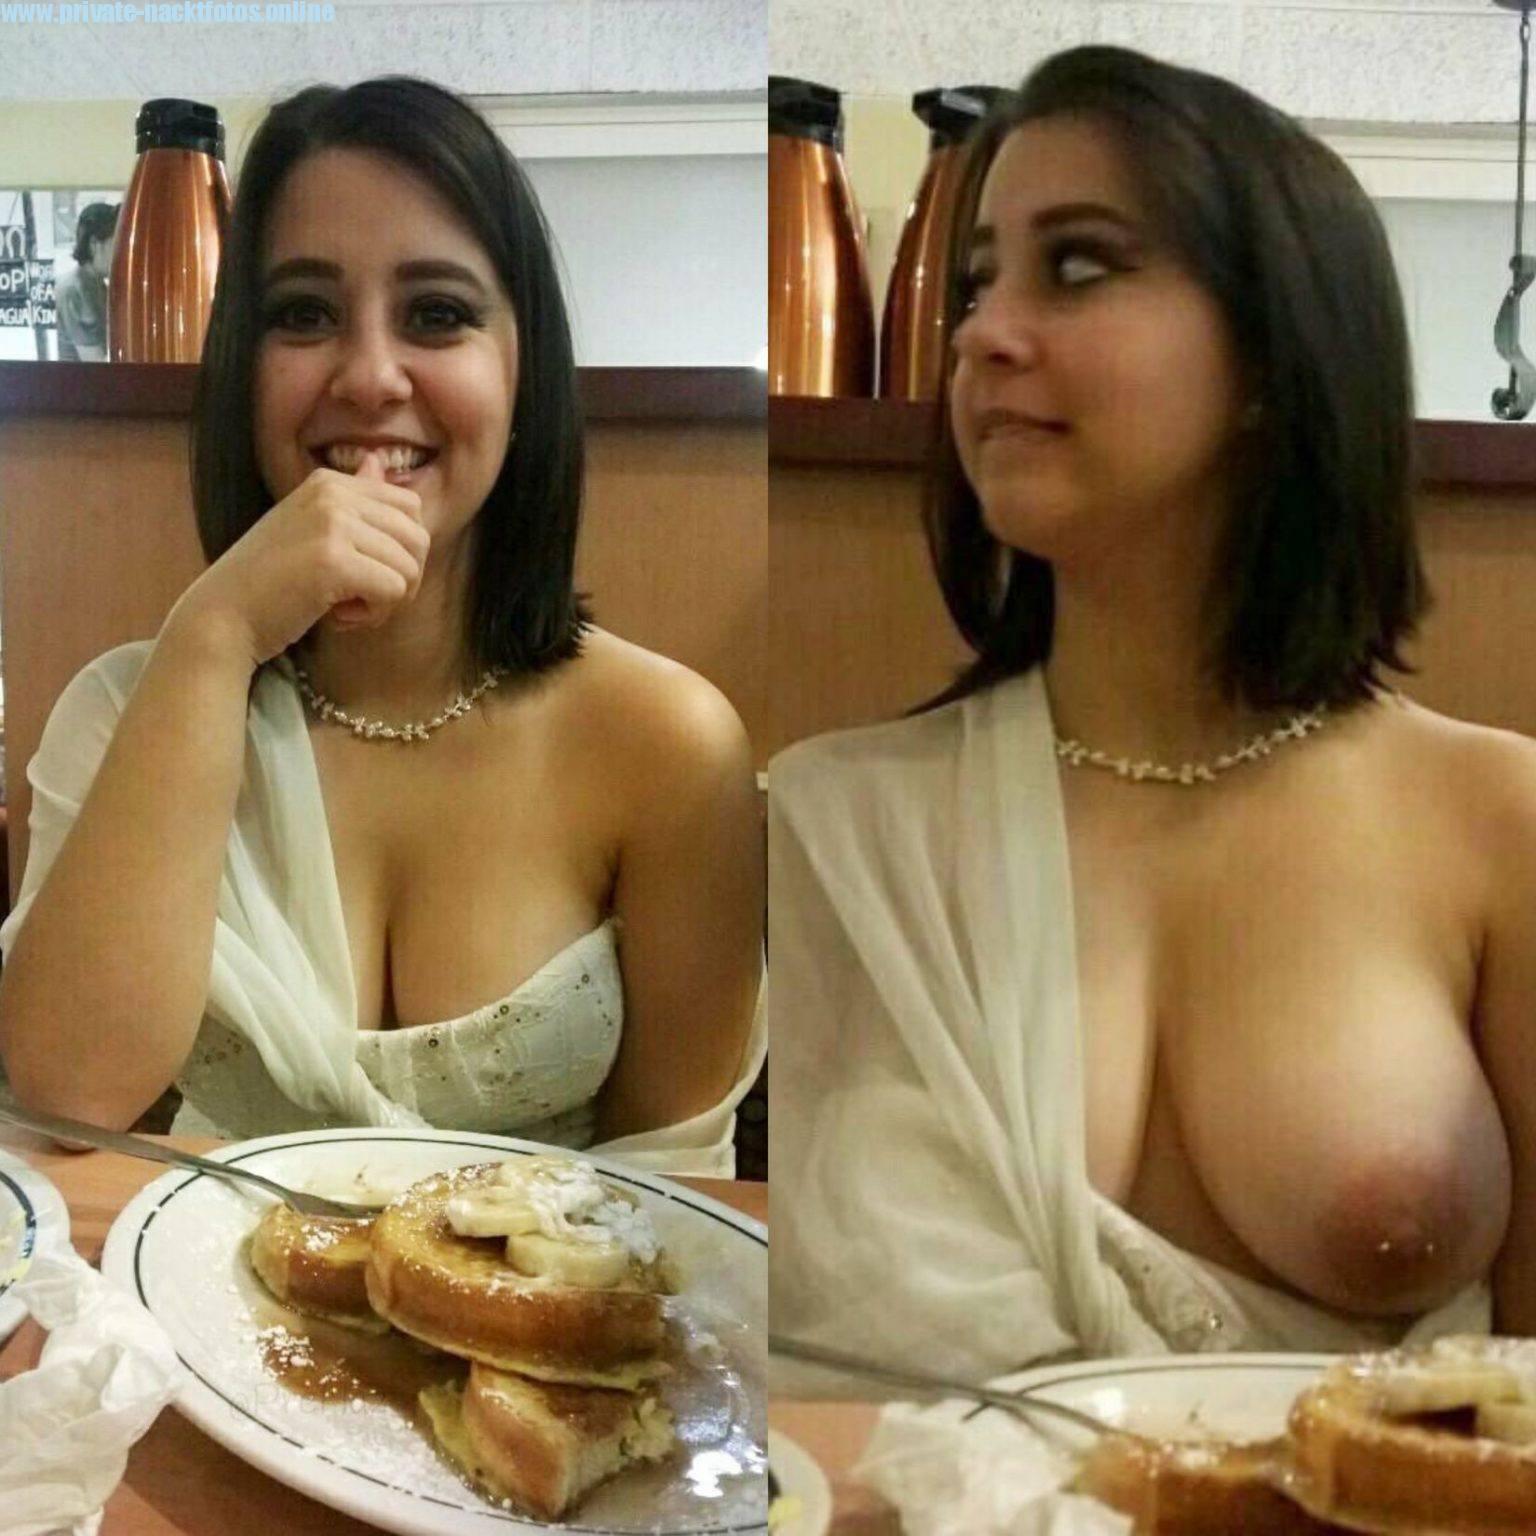 Ehefrau Zeigt Oeffentlich Ihre Titten